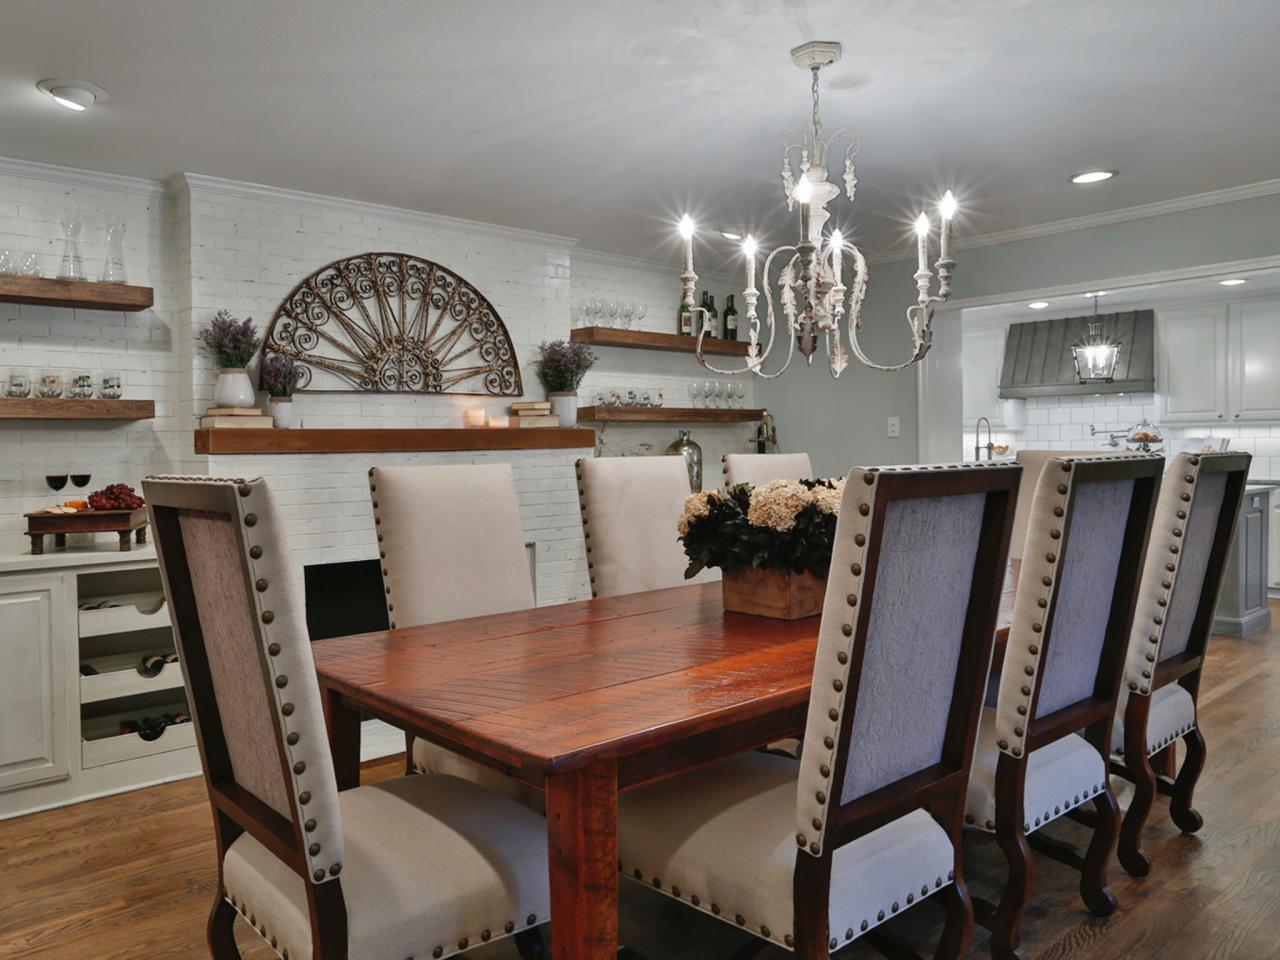 Hgtv fixer upper kitchen tables - The Final Reveal Segreto Secrets Blog